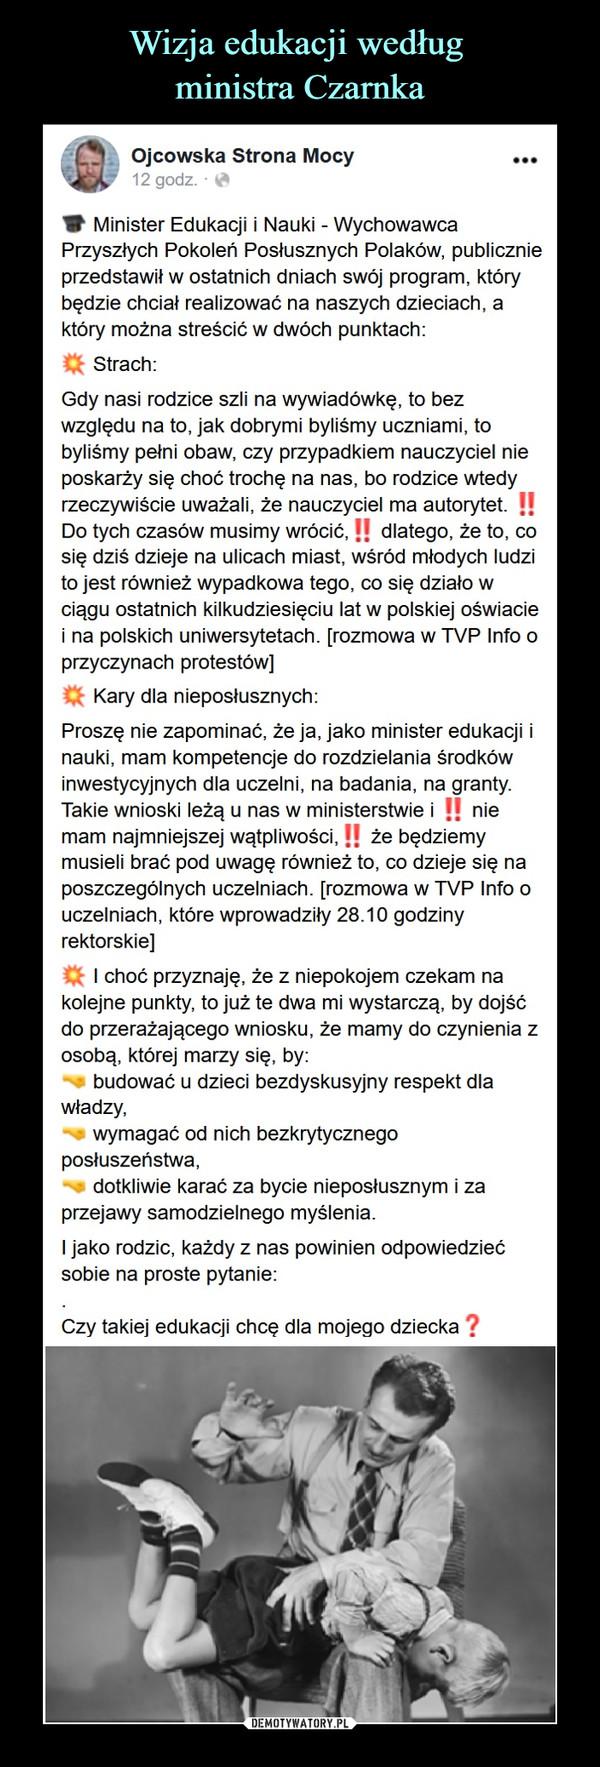 –  Ojcowska Strona MocyV Minister Edukacji ( Nauki - WychowawcaPrzyszłych Pokoleń Posłusznych Polaków, publicznieprzedstawił w ostatnich dniach swój program, którybędzie chciał realizować na naszych dzieciach, aktóry można streścić w dwóch punktach:Q Strach:Gdy nasi rodzice szli na wywiadówkę. lo bezwzględu na to. jak dobrymi byliśmy uczniami, tobyliśmy pełni obaw. czy przypadkiem nauczyciel nieposkarży się choć trochę na nas. bo rodzice wtedyrzeczywiście uważali, że nauczyciel ma autorytet. !!Do tych czasów musimy wrócić.! | dlatego, że to. cosię dziś dzieje na ulicach miast, wśród młodych ludzito jest również wypadkowa tego. co się działo wciągu ostatnich kilkudziesięciu lat w polskiej oświaciei na polskich uniwersytetach, [rozmowa w TVP Into oprzyczynach protestów]Q Kary dla nieposłusznych:Proszę nie zapominać, że ja. jako minister edukacji inauki, mam kompetencje do rozdzielania środkówinwestycyjnych dla uczelni, na badania, na granty.Takie wnioski leżą u nas w ministerstwie i !! niemam najmniejszej wątpliwości. H że będziemymusieli brać pod uwagę również to. co dzieje się naposzczególnych uczelniach, (rozmowa w TVP Into ouczelniach, które wprowadziły 28.10 godzinyrektorskie)Cfc I choć przyznaję, że z niepokojem czekam nakolejne punkty, to już te dwa mi wystarczą, by dojśćdo przerażającego wniosku, że mamy do czynienia zosobą, klórej marzy się. by:budować u dzieci bezdyskusyjny respekt dlawładzy.wymagać od nich bezkrytycznegoposłuszeństwa.dotkliwie karać za bycie nieposłusznym i zaprzejawy samodzielnego myślenia.I jako rodzic, każdy z nas powinien odpowiedziećsobie na proste pytanie:Czy takiej edukacji chcę dla mojego dziecka ?